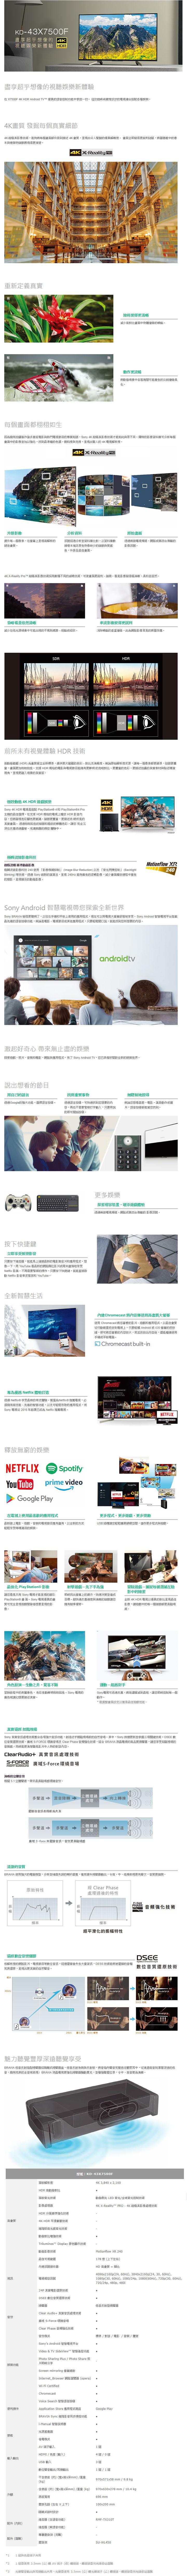 SONY_KD-43X7500F_spec.jpg